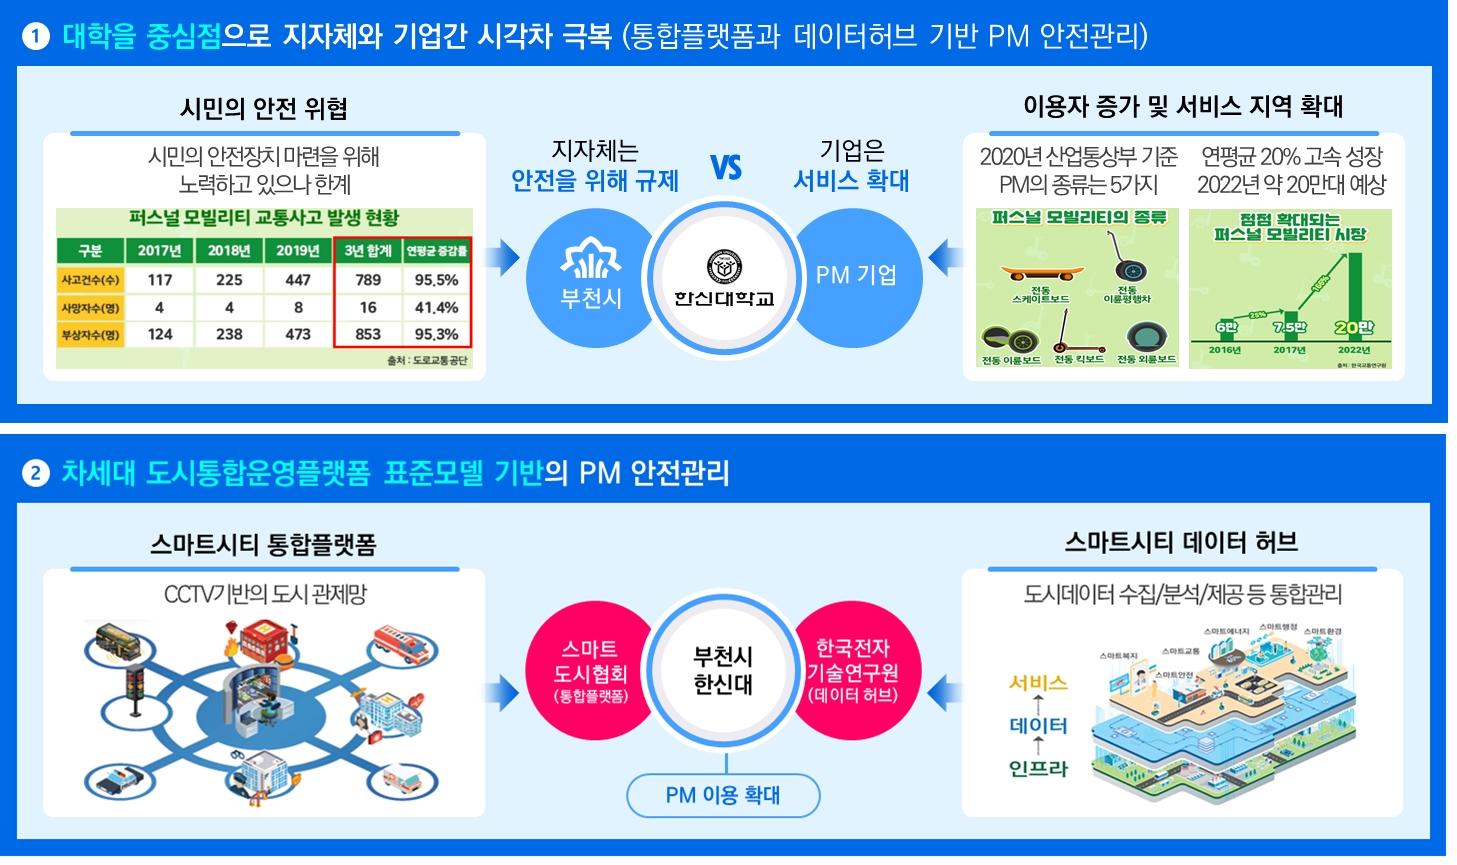 ▲ 차세대 도시 통합운영 플랫폼 표준모델 기반의 PM 안전관리